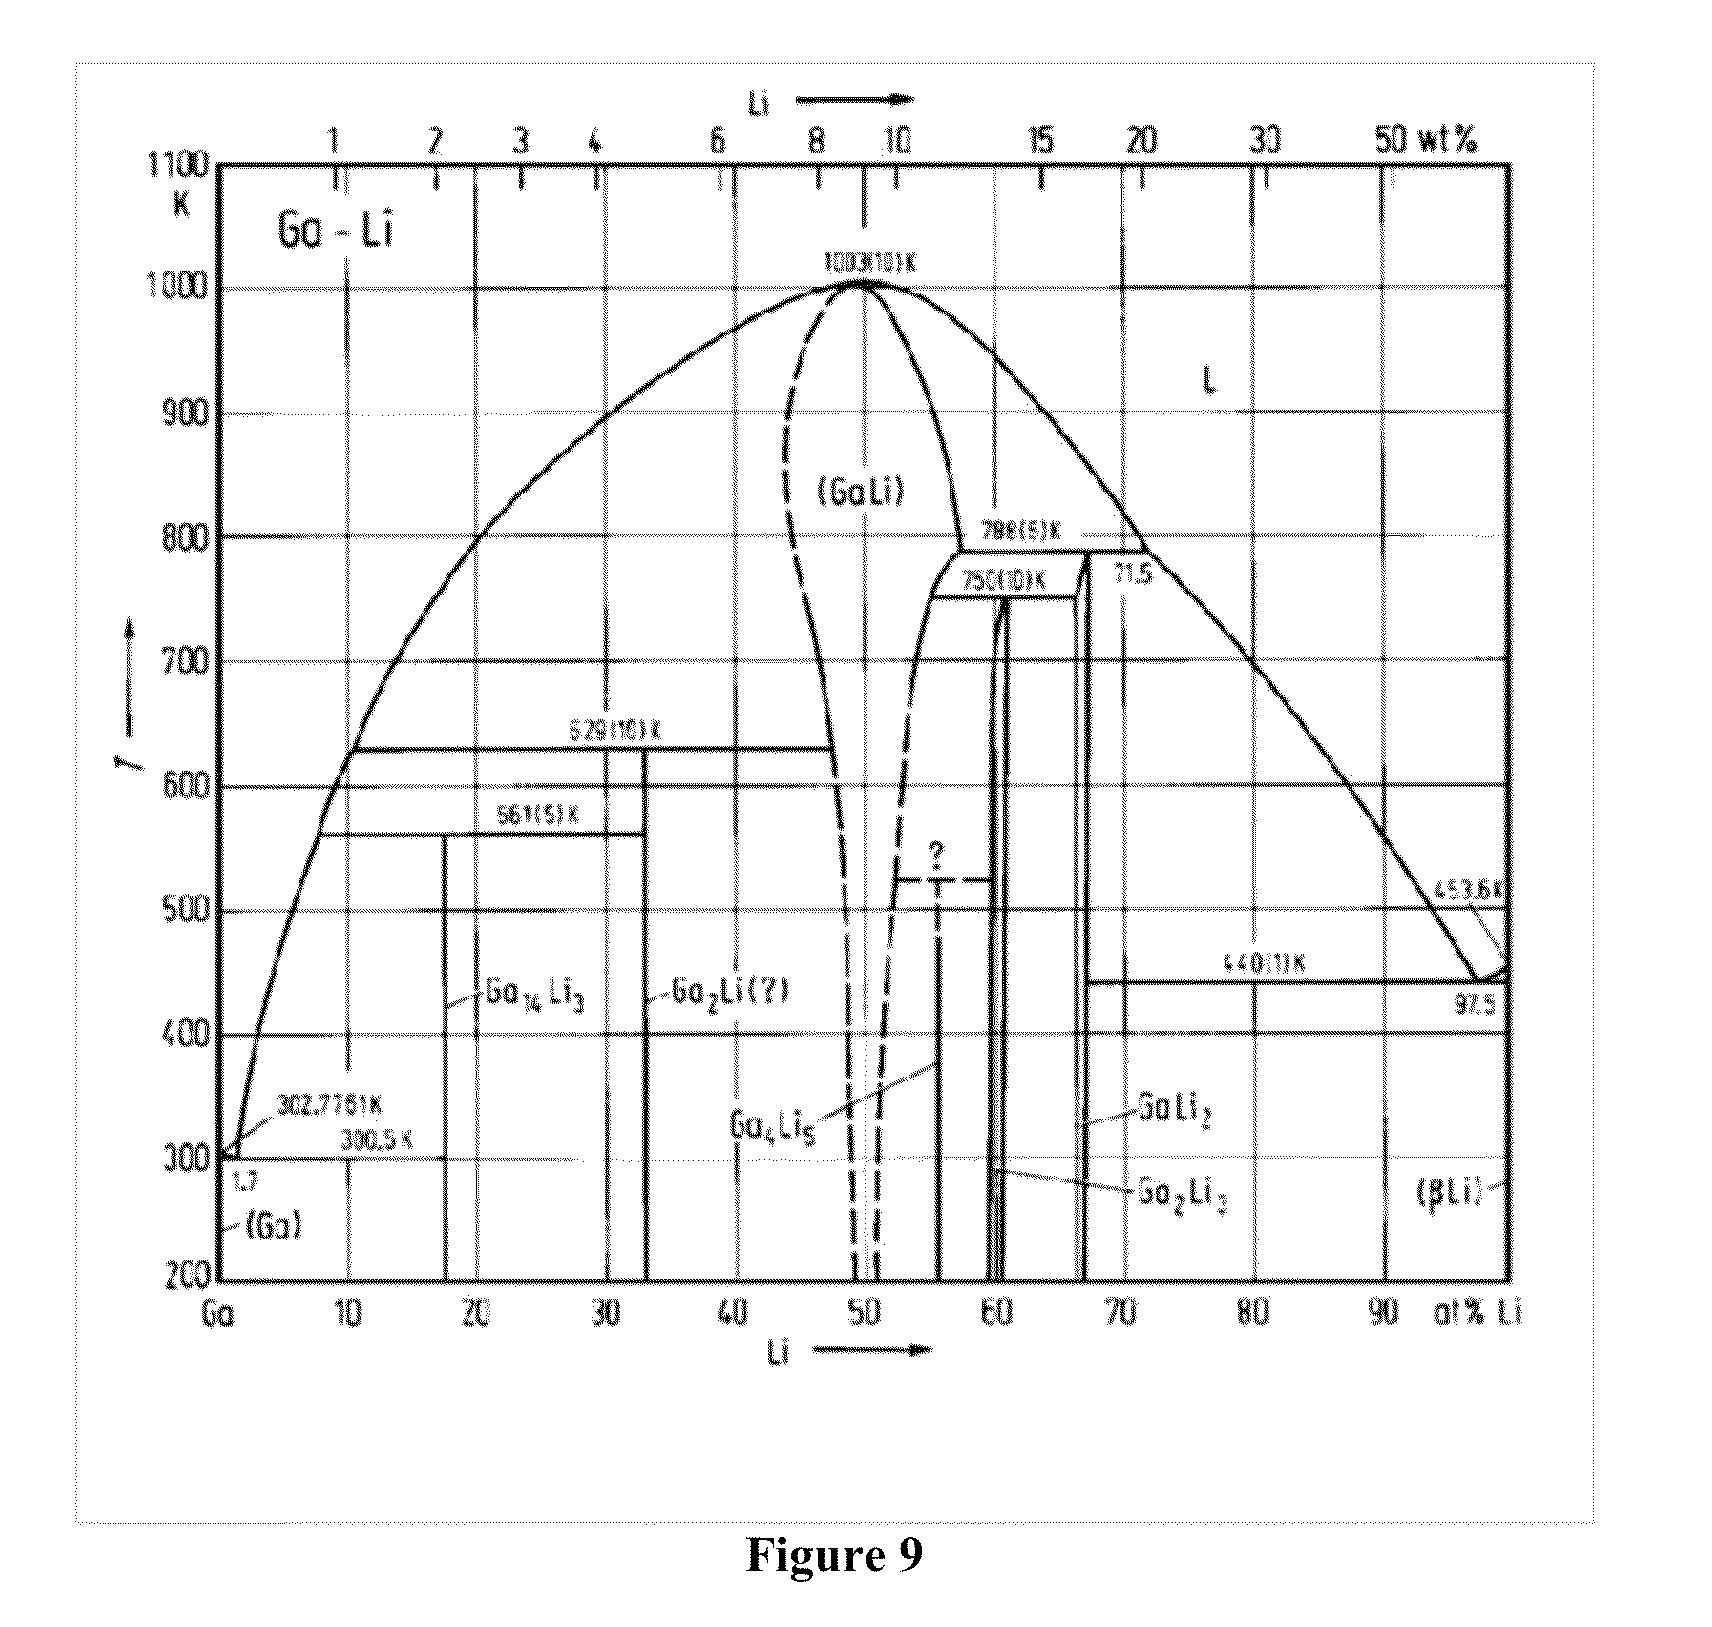 9s Meter Socket Wiring Diagrams on Form 9s Meter Wiring Diagram